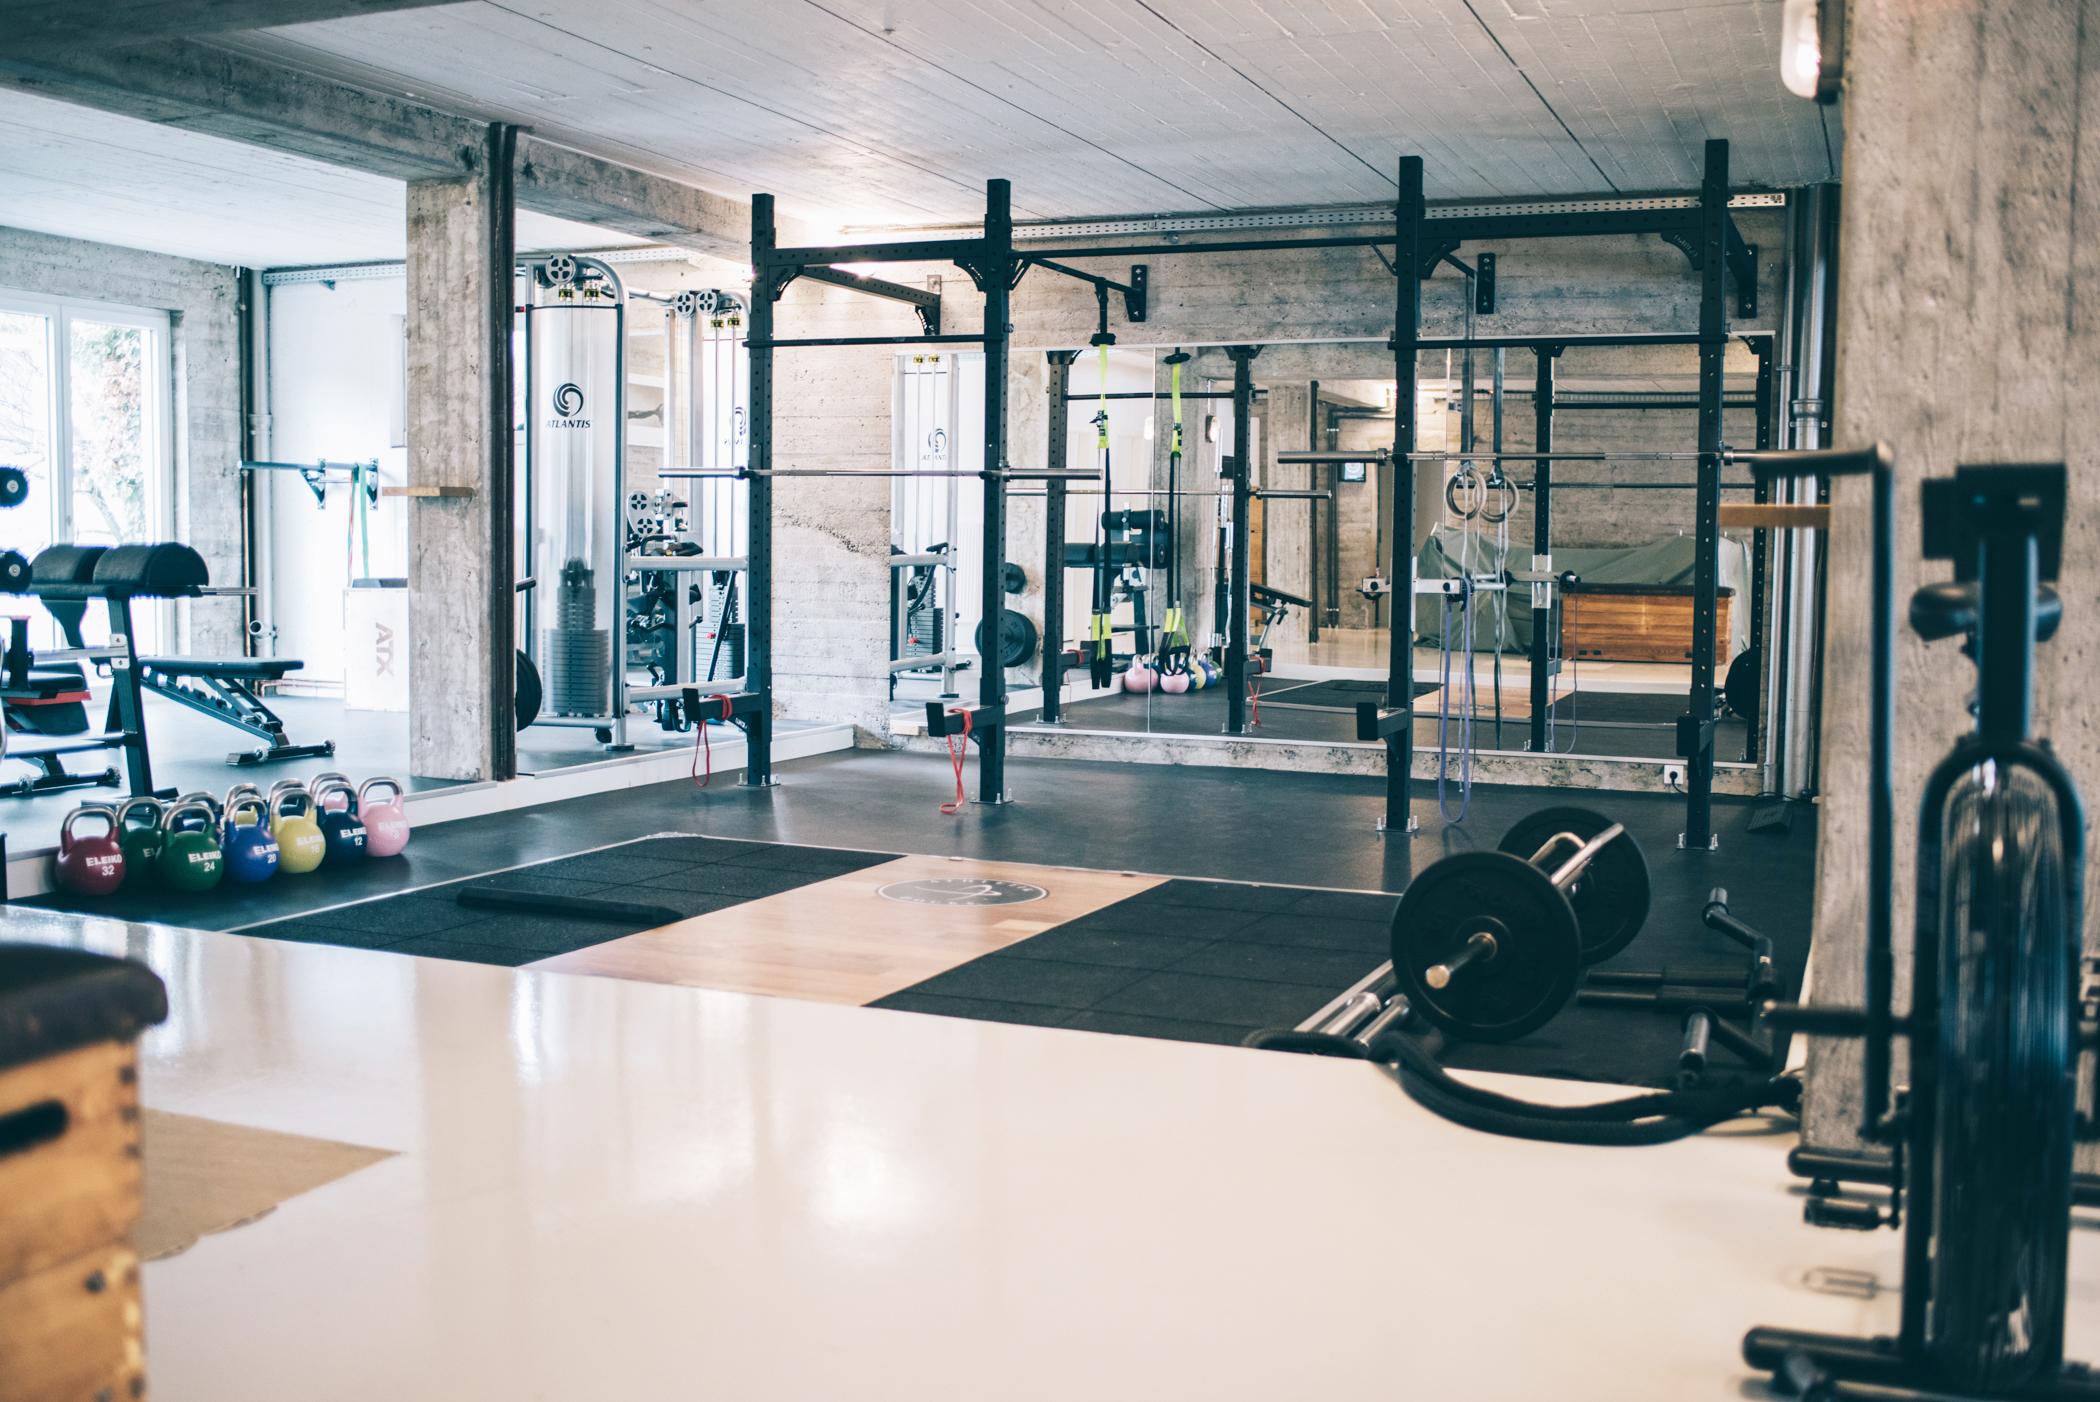 Athletik-Docks-trainieren_003